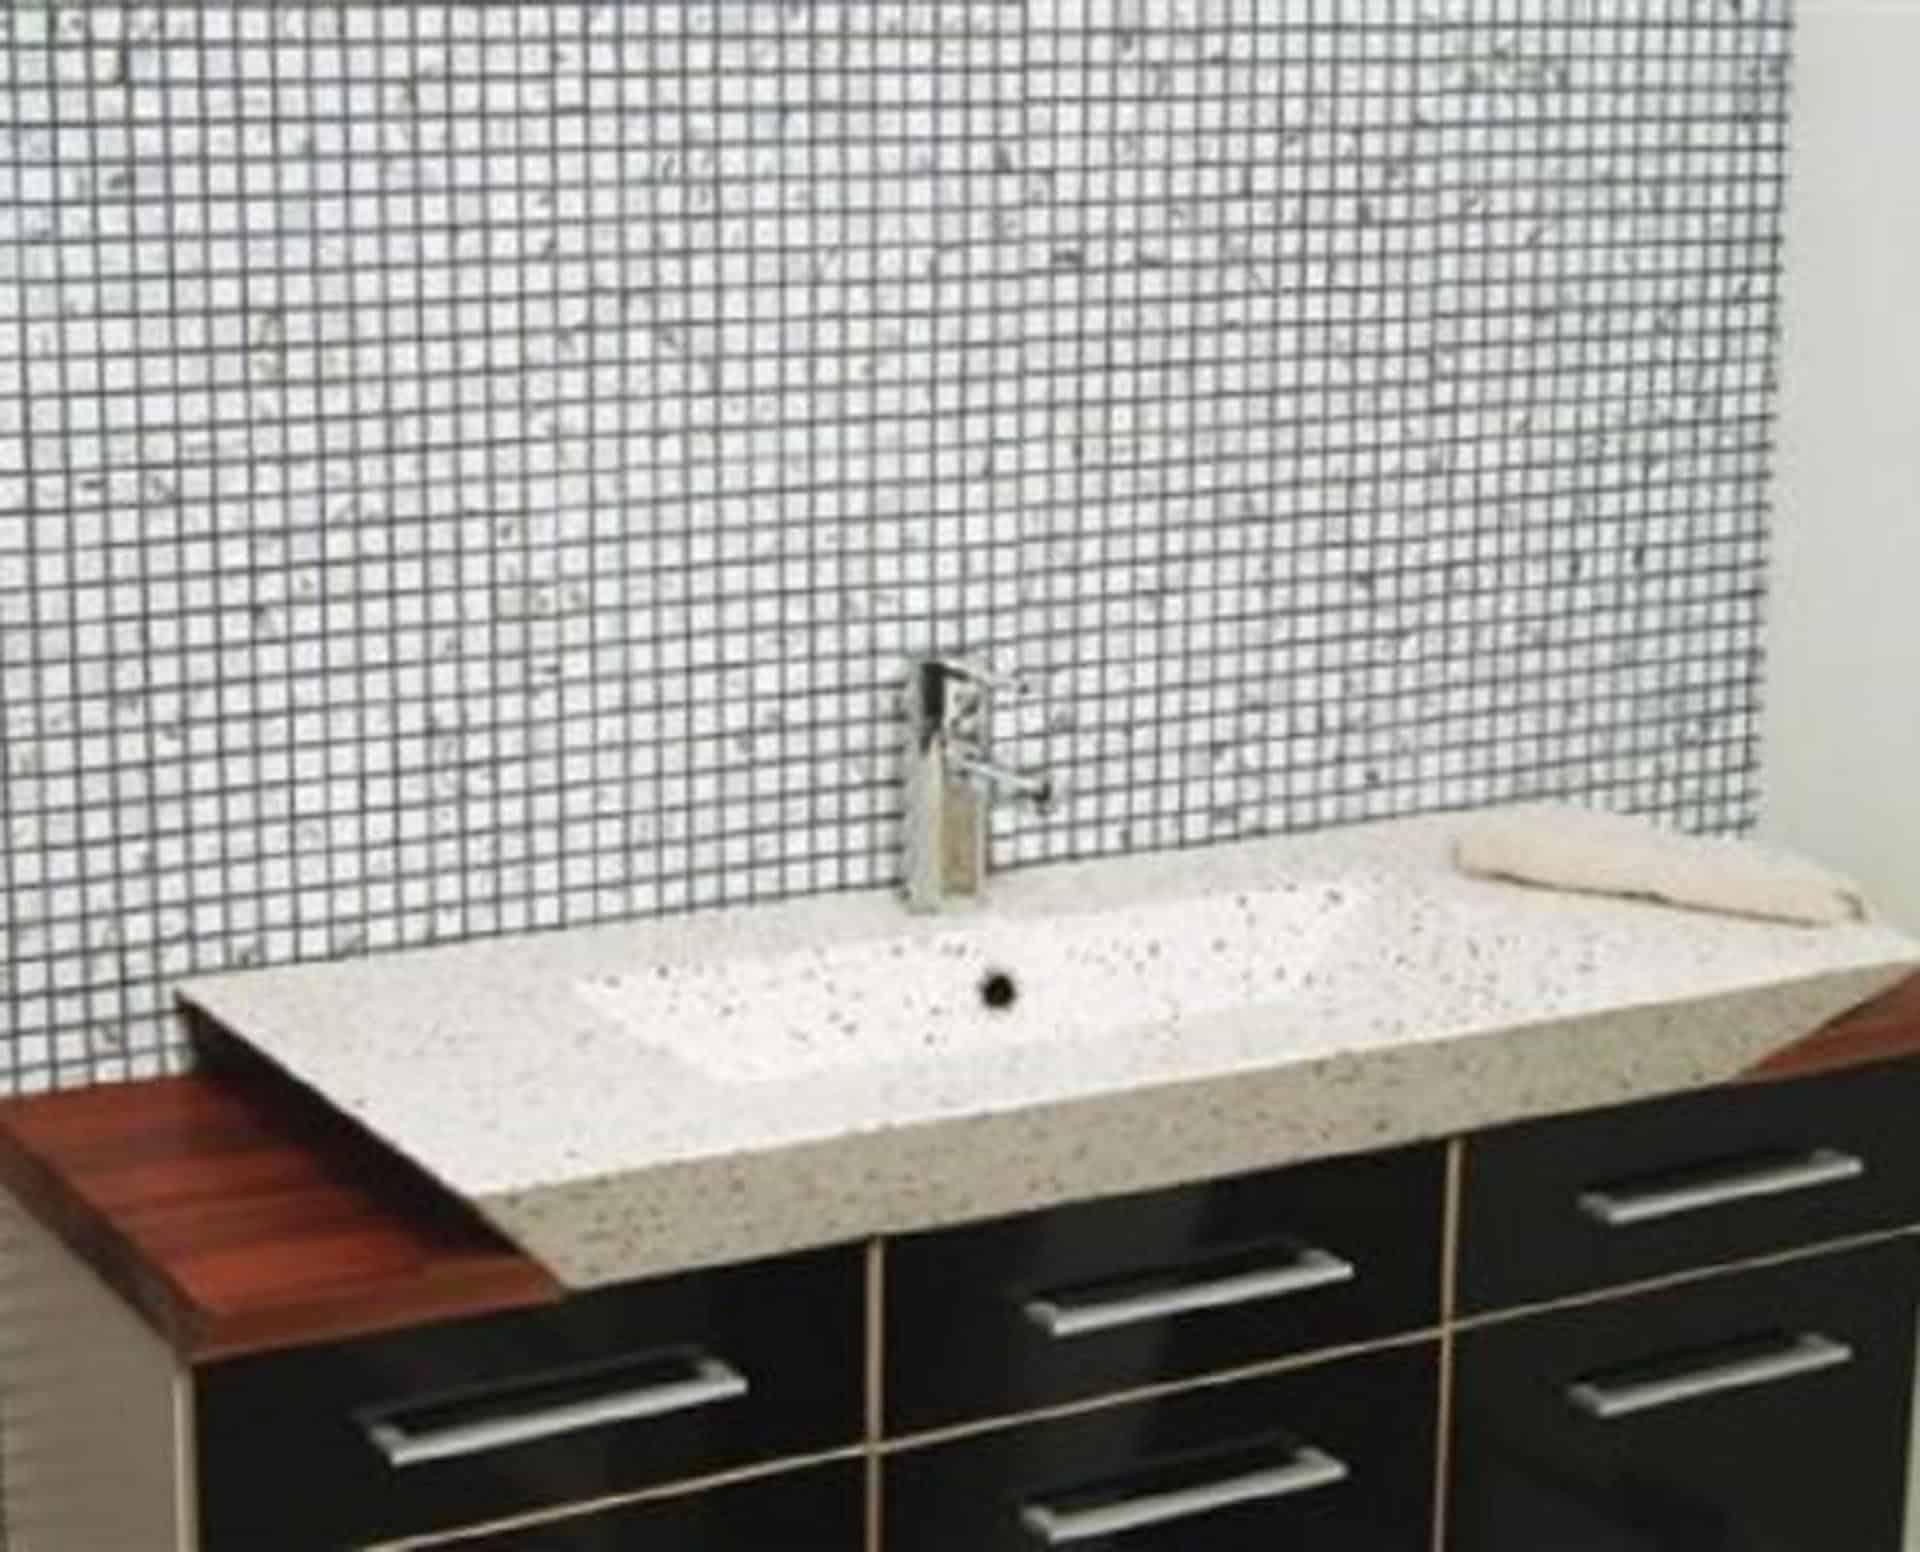 Lækker gnistret terrazzo håndvask, med pæne afrundinger. Farven er lys med sorte og mørke sten - et råt look med en flot finish. Vasken har målene: 80/100 x 35,5 x 10 cm. Materialet er en blanding af cement og de små natursten, der giver vasken sin flotte gnistrede finish. Vasken kan bruges som fritstående vask - da vasken er flad i bunden er den velegnet til at placere direkte på en bordplade. Vasken er hensynsmæssigt designet med fine rundinger, som både giver vasken et eksklusivt udtryk og gør den rengøringsvenlig. Vasken vedligeholdes med voks - vi anbefaler en behandling med vores egen naturvoks ID12002 et par gange om året for at opnå optimalt look.